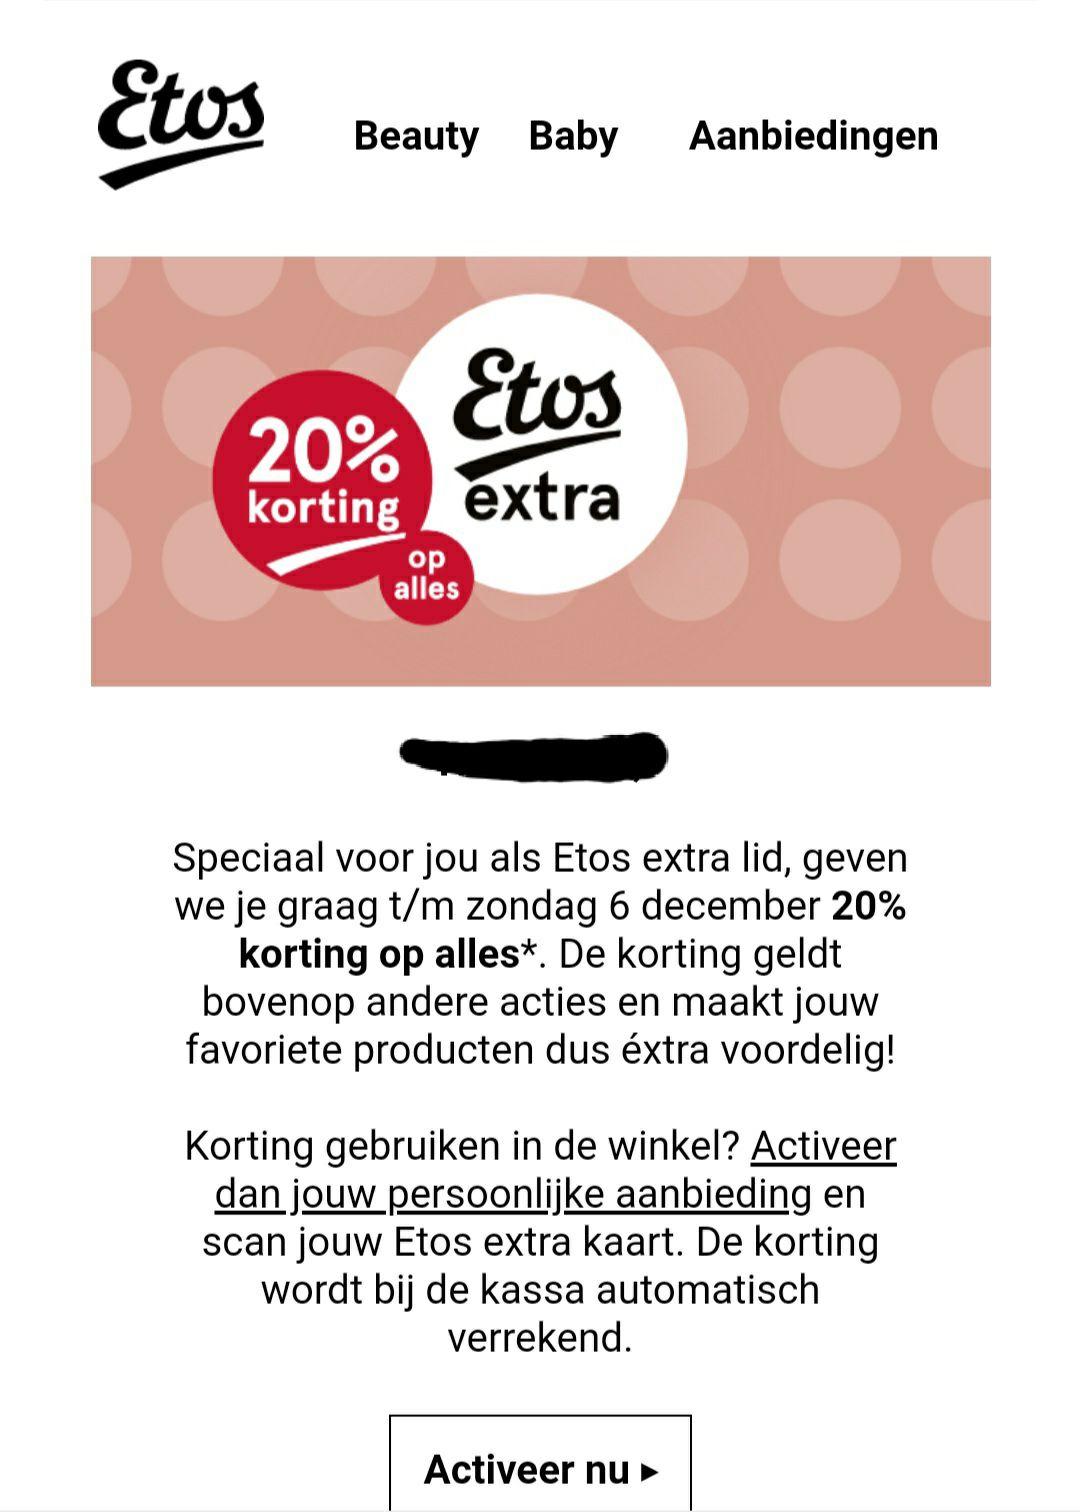 20% korting op alles Etos via Etos Extra